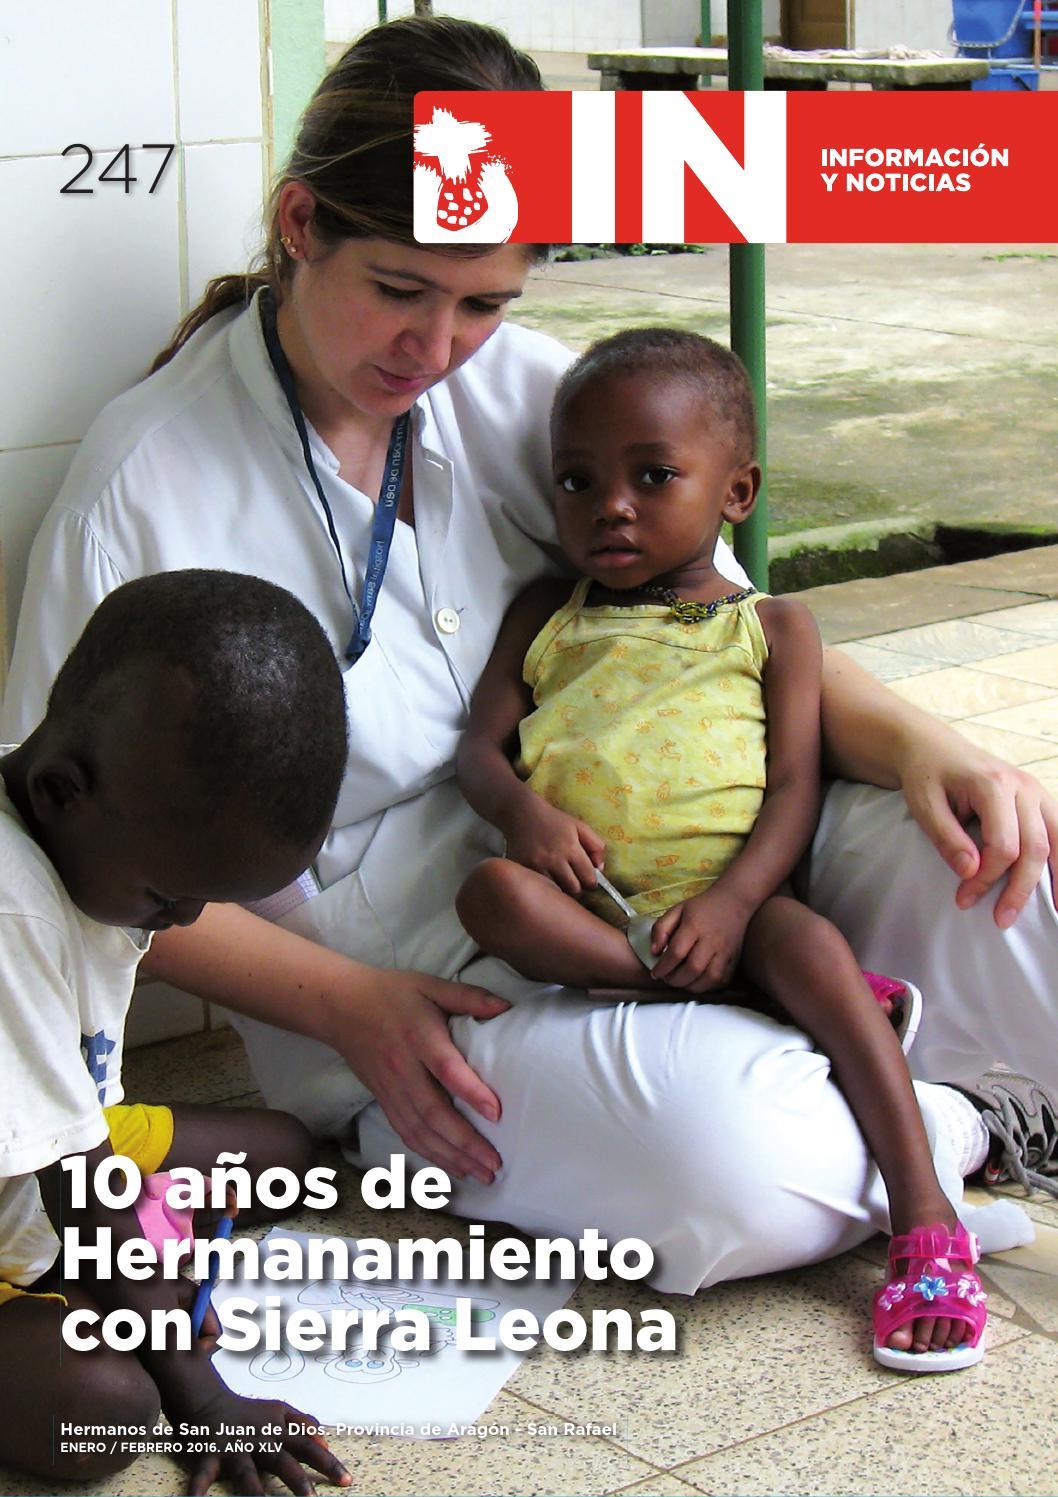 IN_247 by Orden Hospitalaria San Juan de Dios - issuu